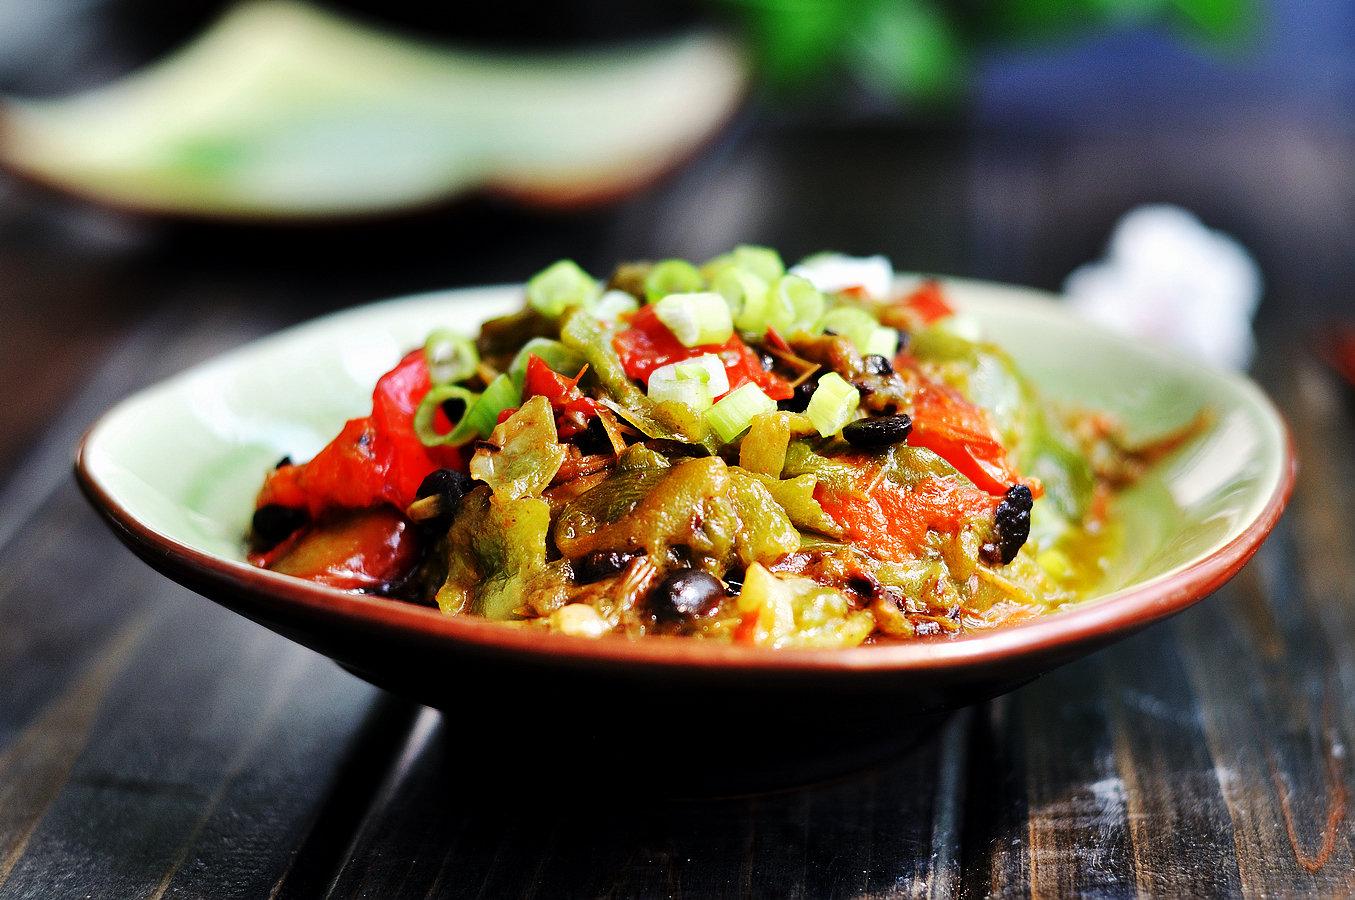 辣椒这个新吃法,你一定没试过,醇香浓郁好吃下饭